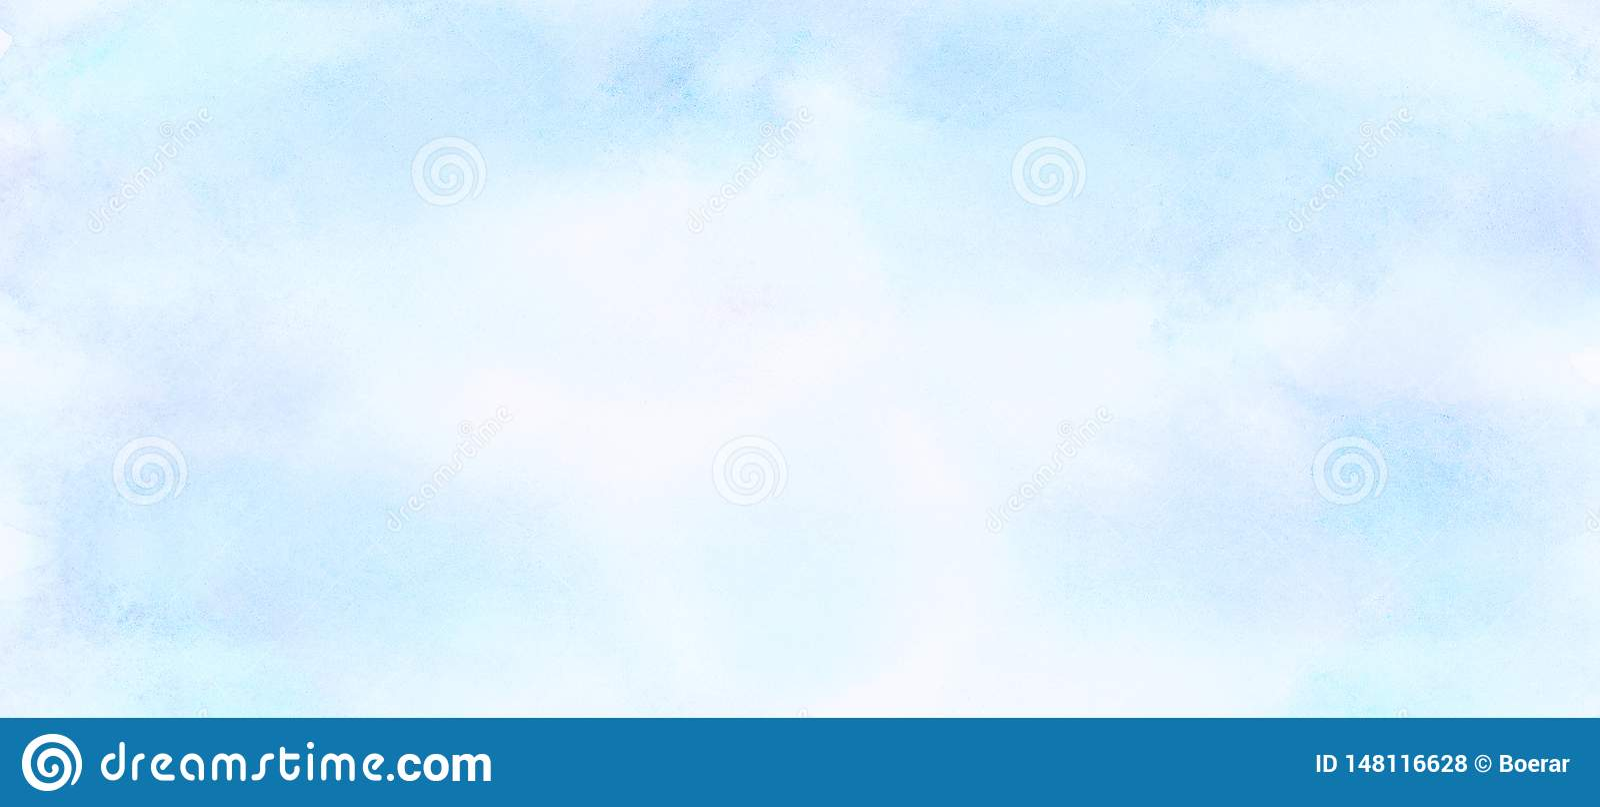 Ουρανού μπλε υπόβαθρο watercolor χρώματος ελαφρύ r